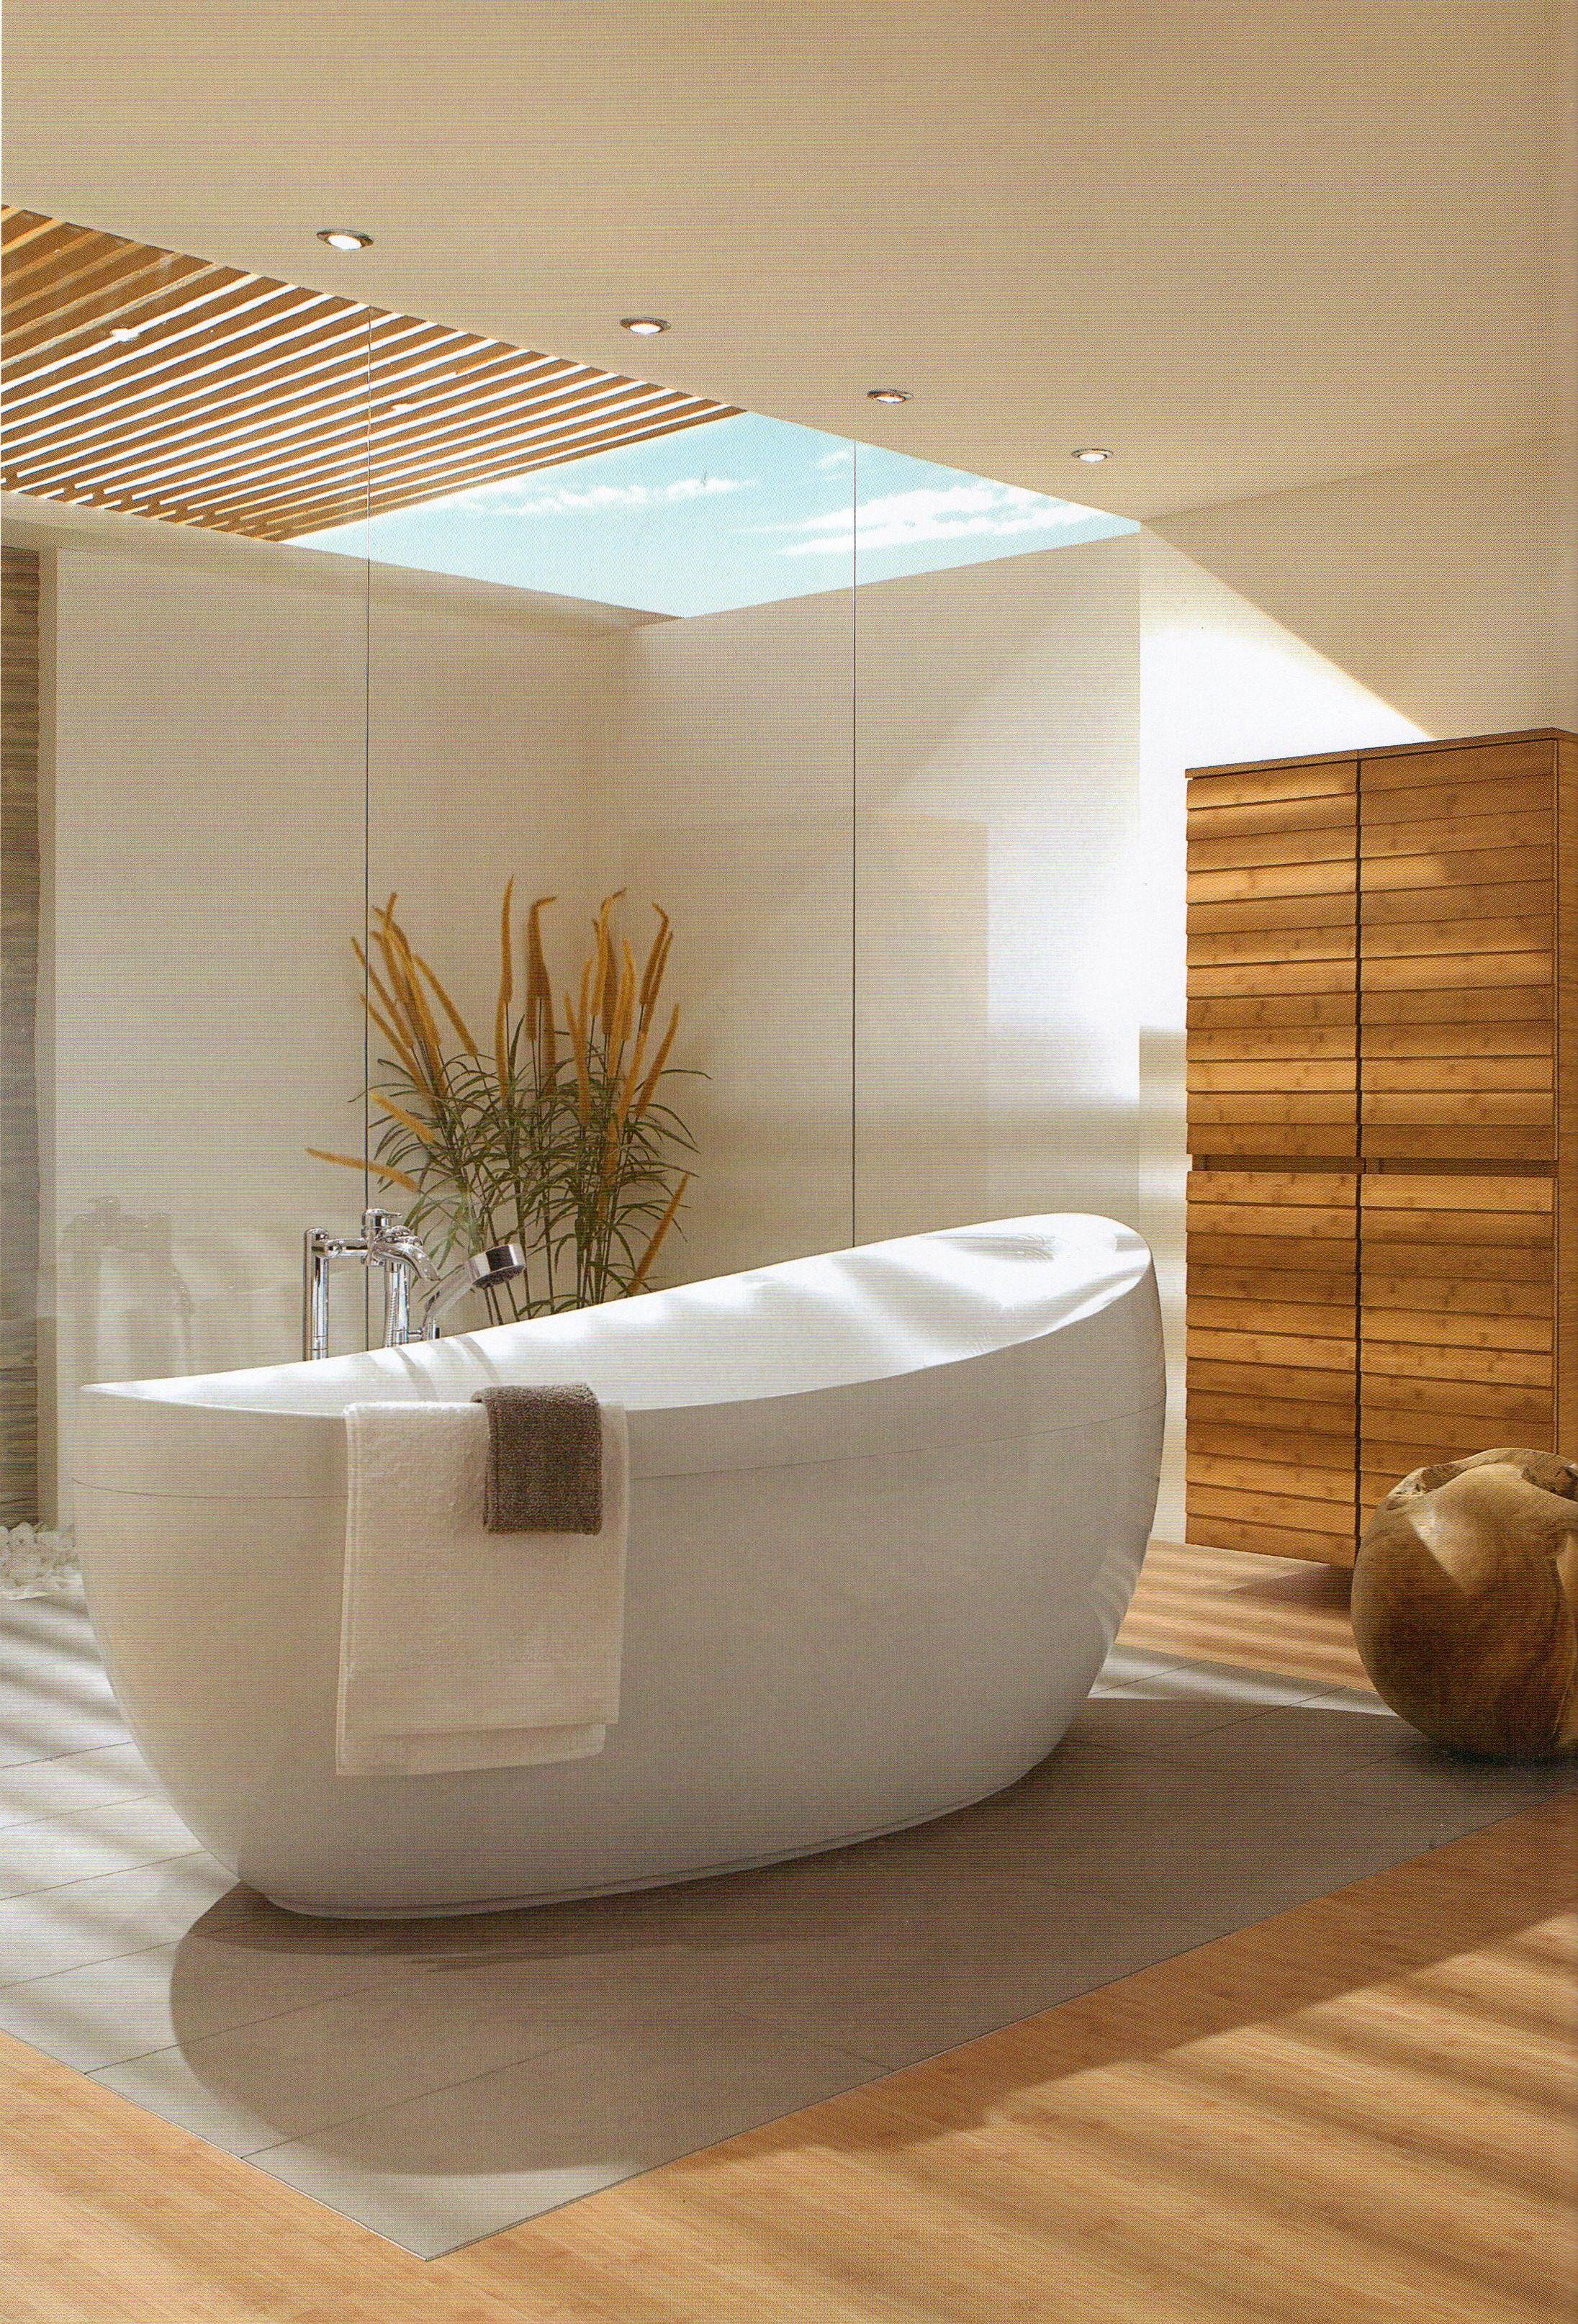 Freistehende Badewanne Badewannen Entspannung Badezimmer Kreativ Architektur Badgestaltung Inspiration Moderne Badgestaltung Badezimmer